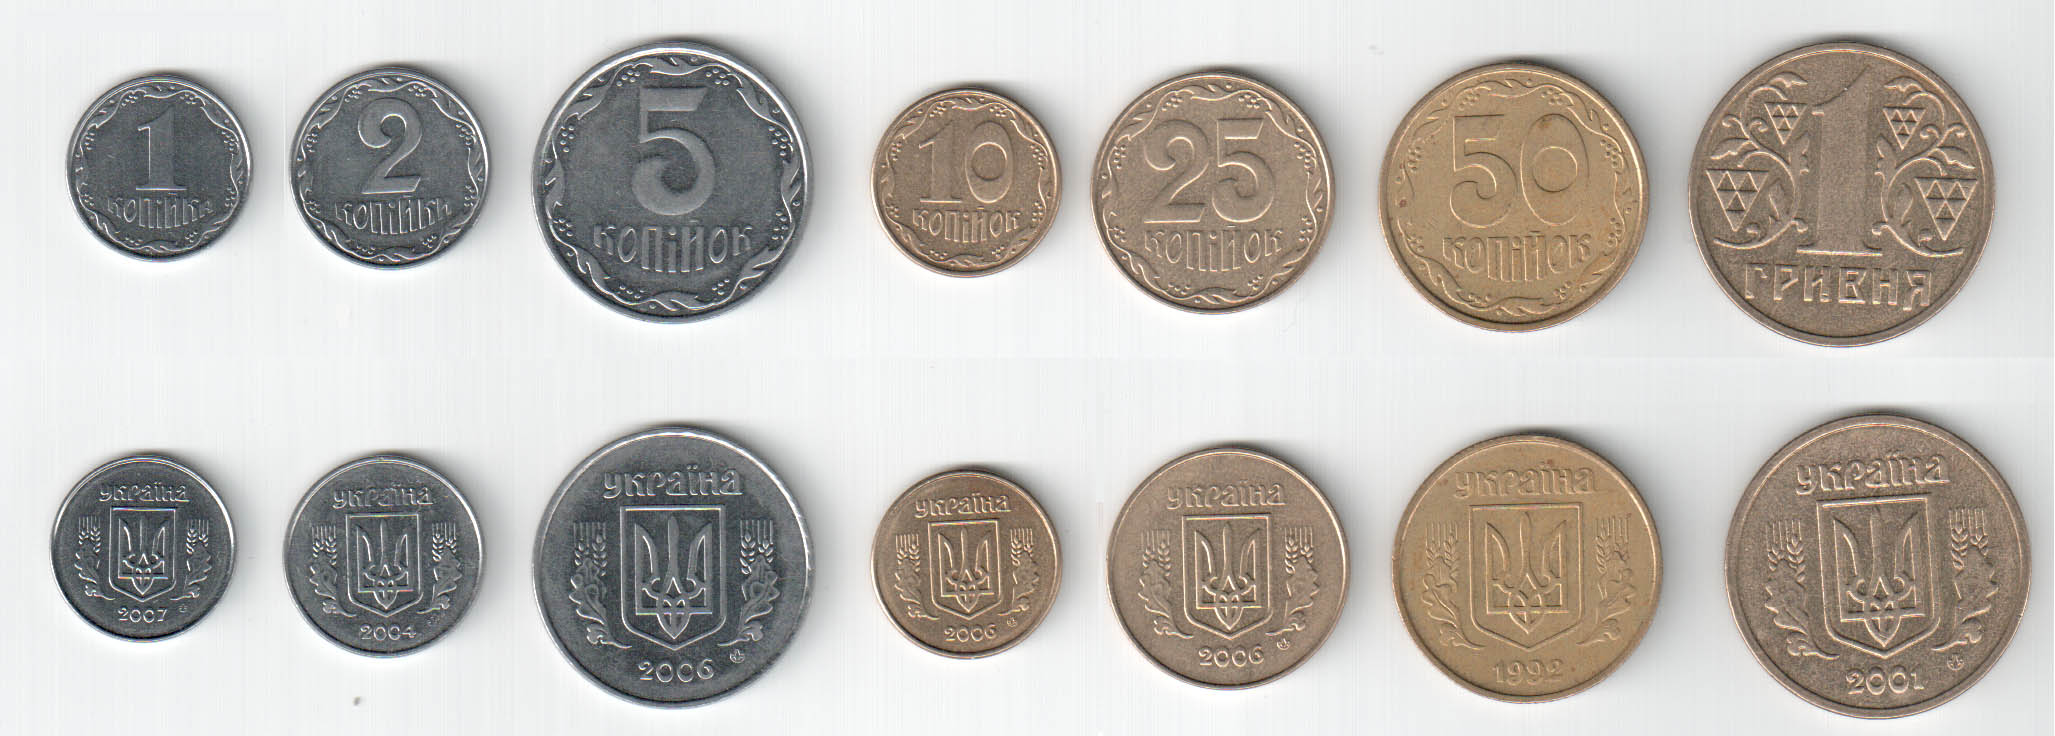 Всё о монетах сколько стоит монета 10 рублей 2000